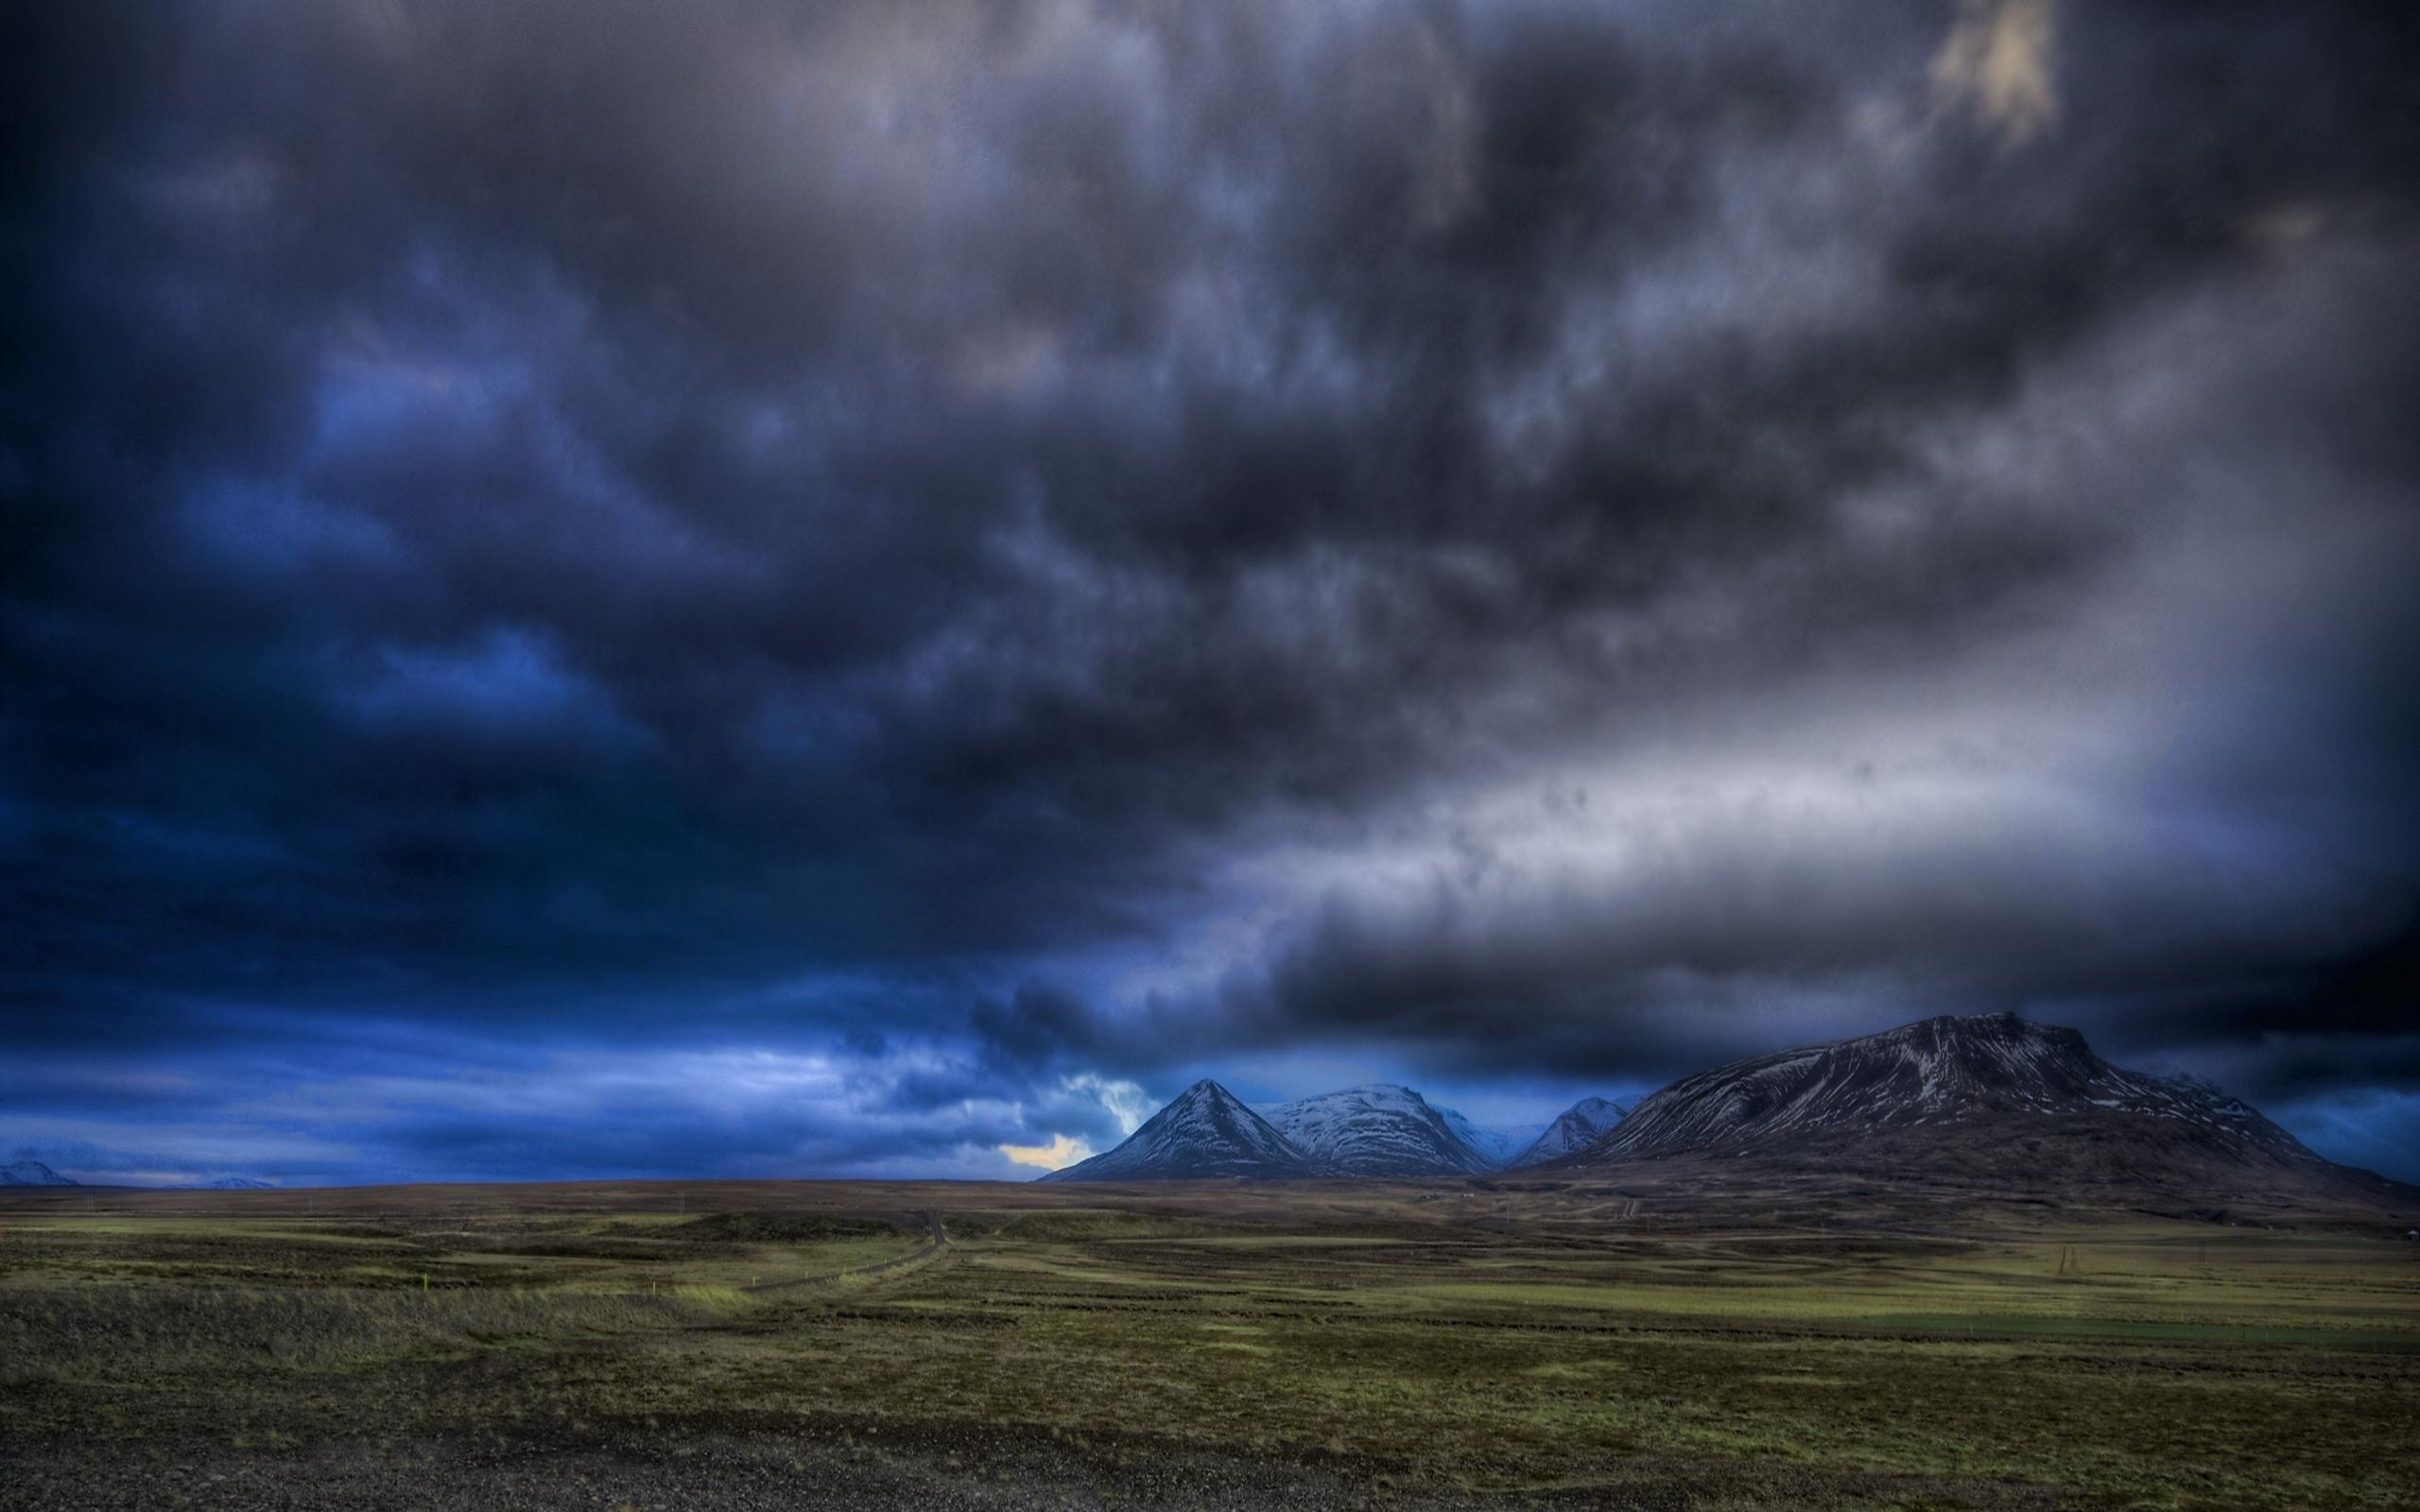 Paisaje Nublado Montaña